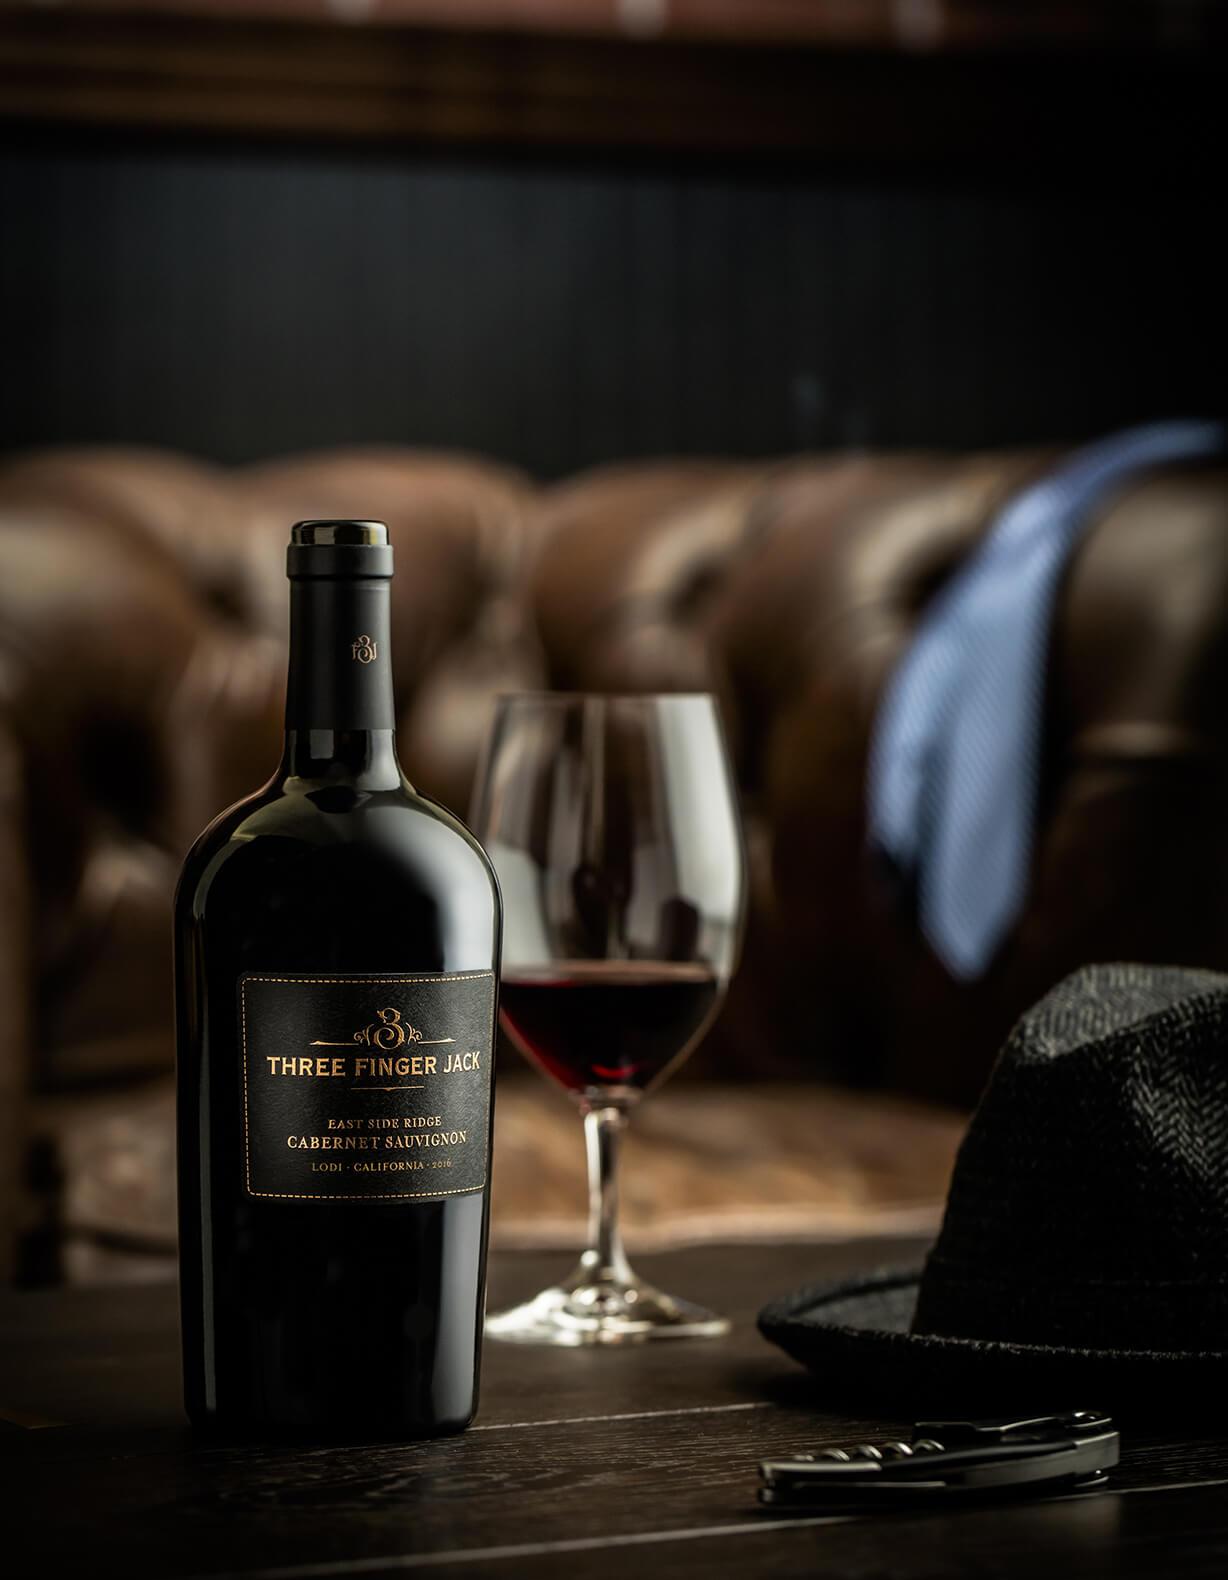 Delicato Family Wines Launches Three Finger Jack East Side Ridge Cabernet Sauvignon